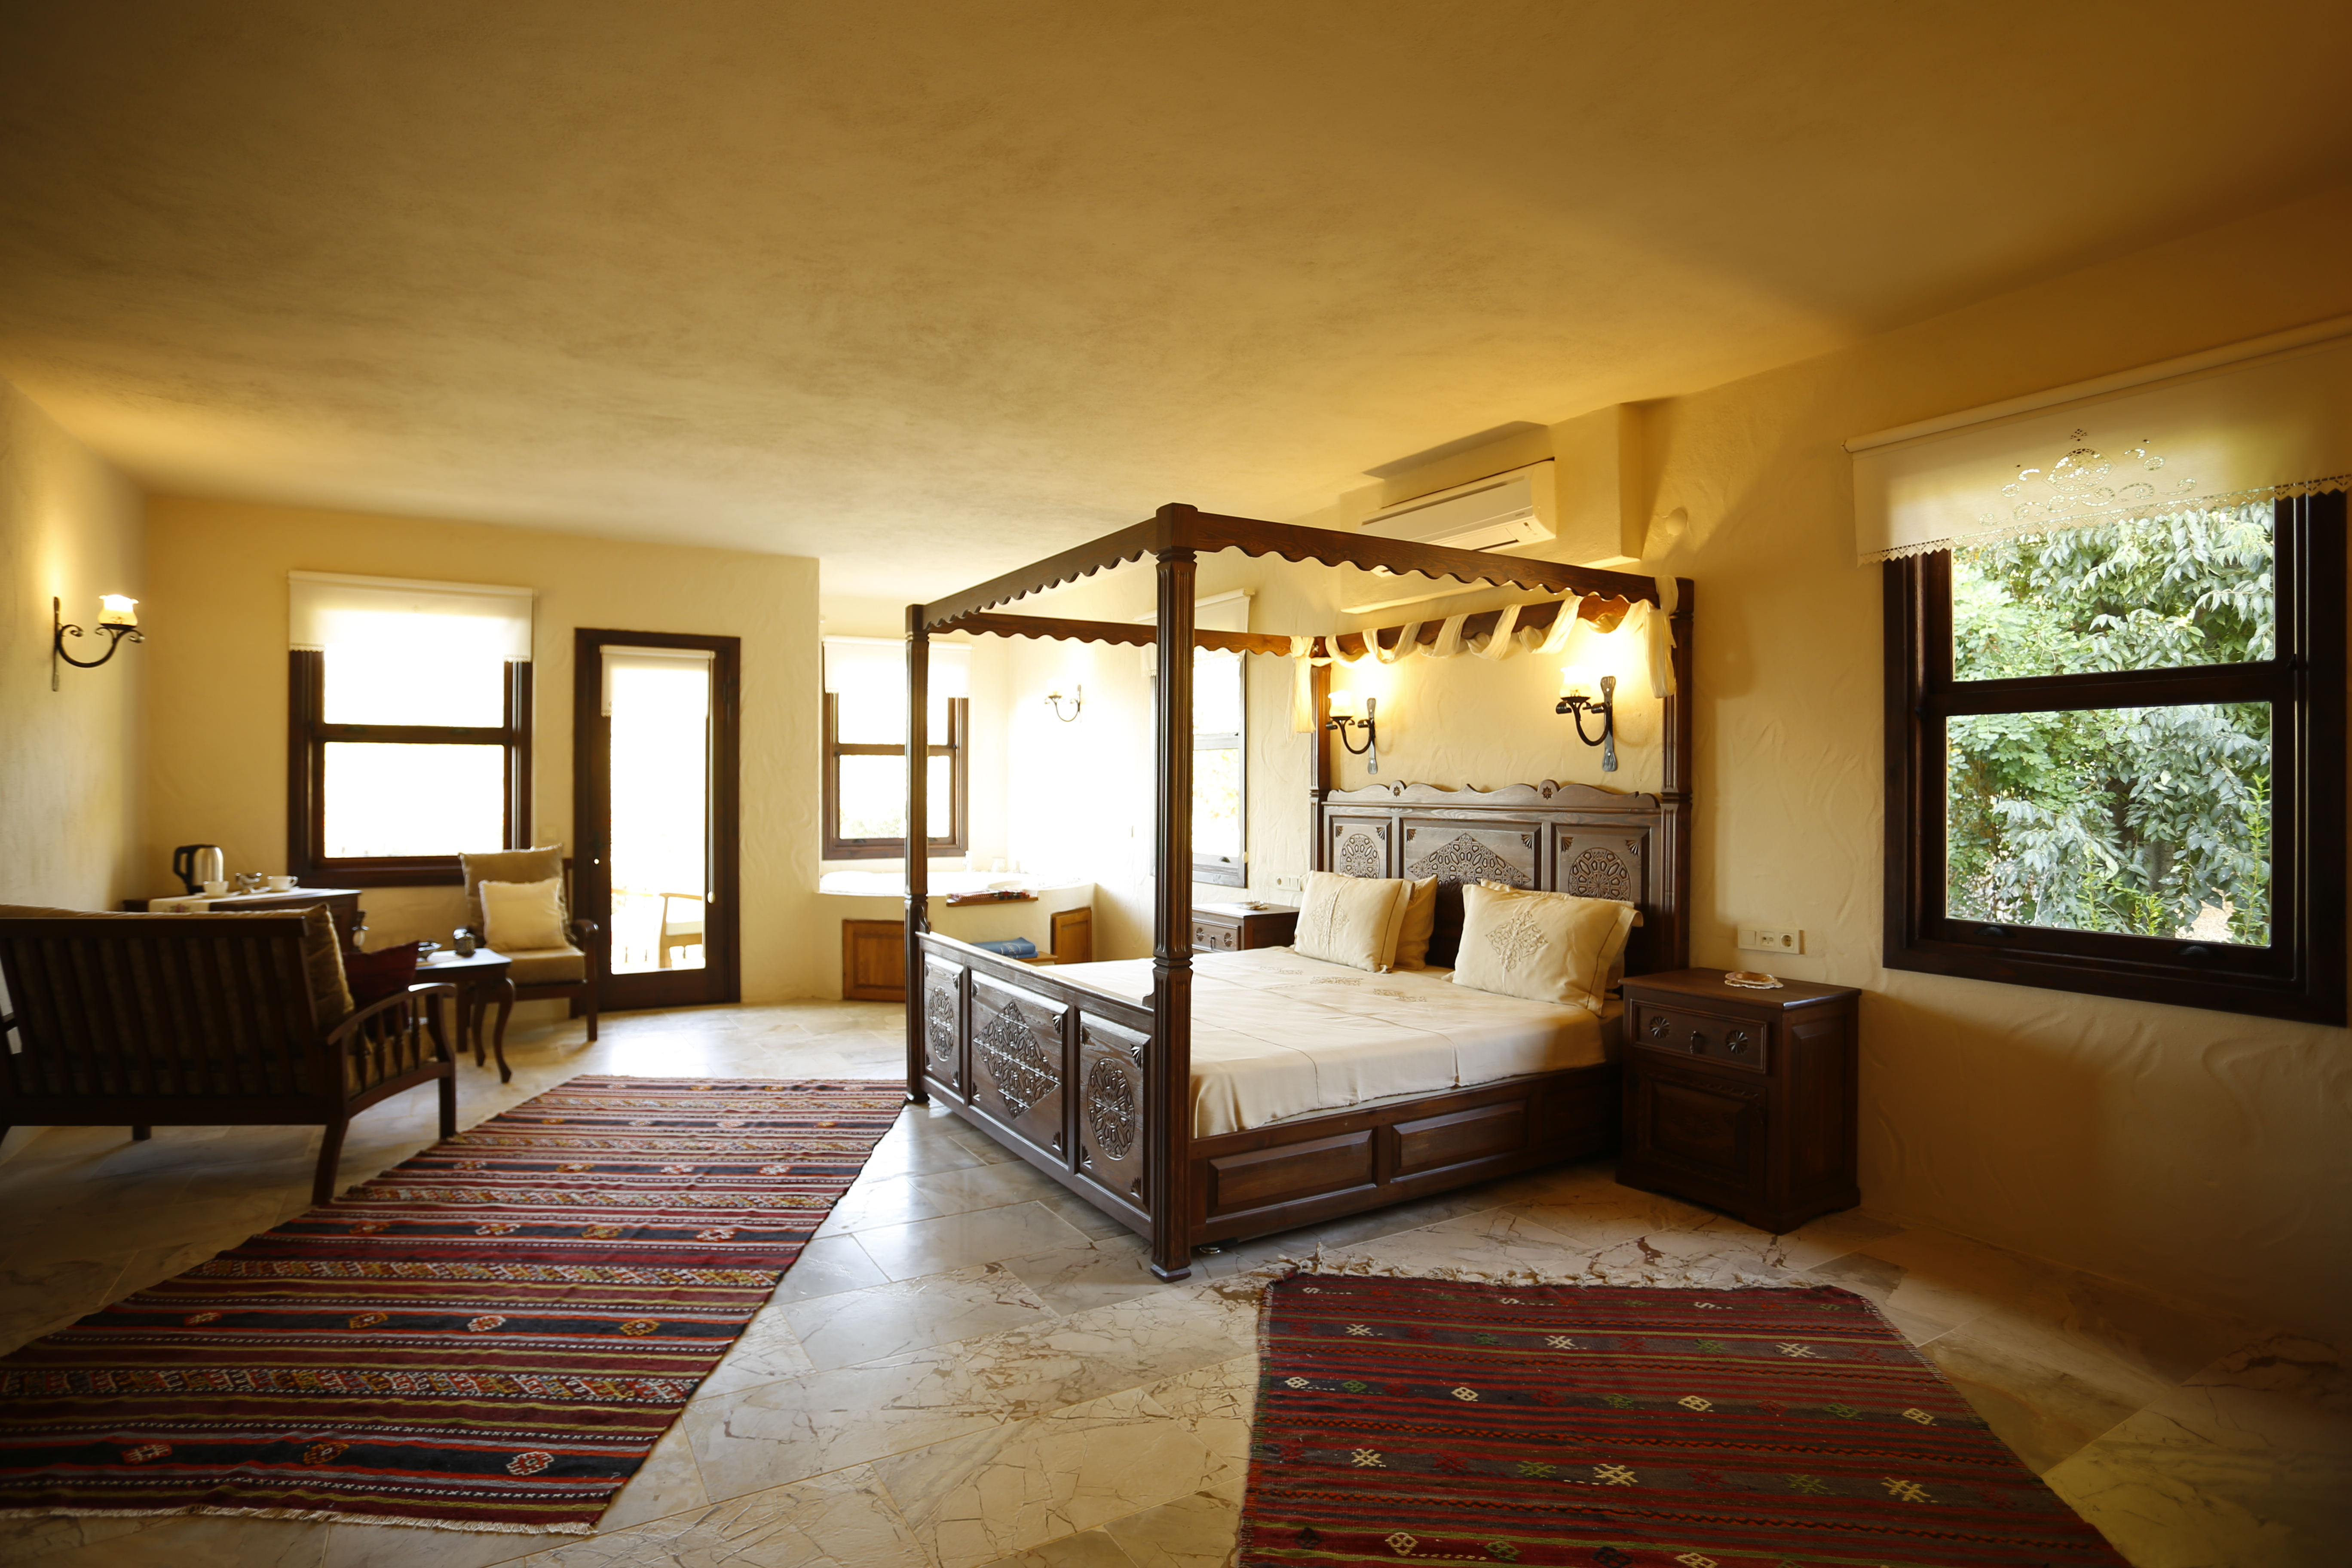 Appartement de vacances Luxurise Unterkunft und persnliches Ambiente in unzerstrter Natur (2124814), Fethiye, , Région Egéenne, Turquie, image 8